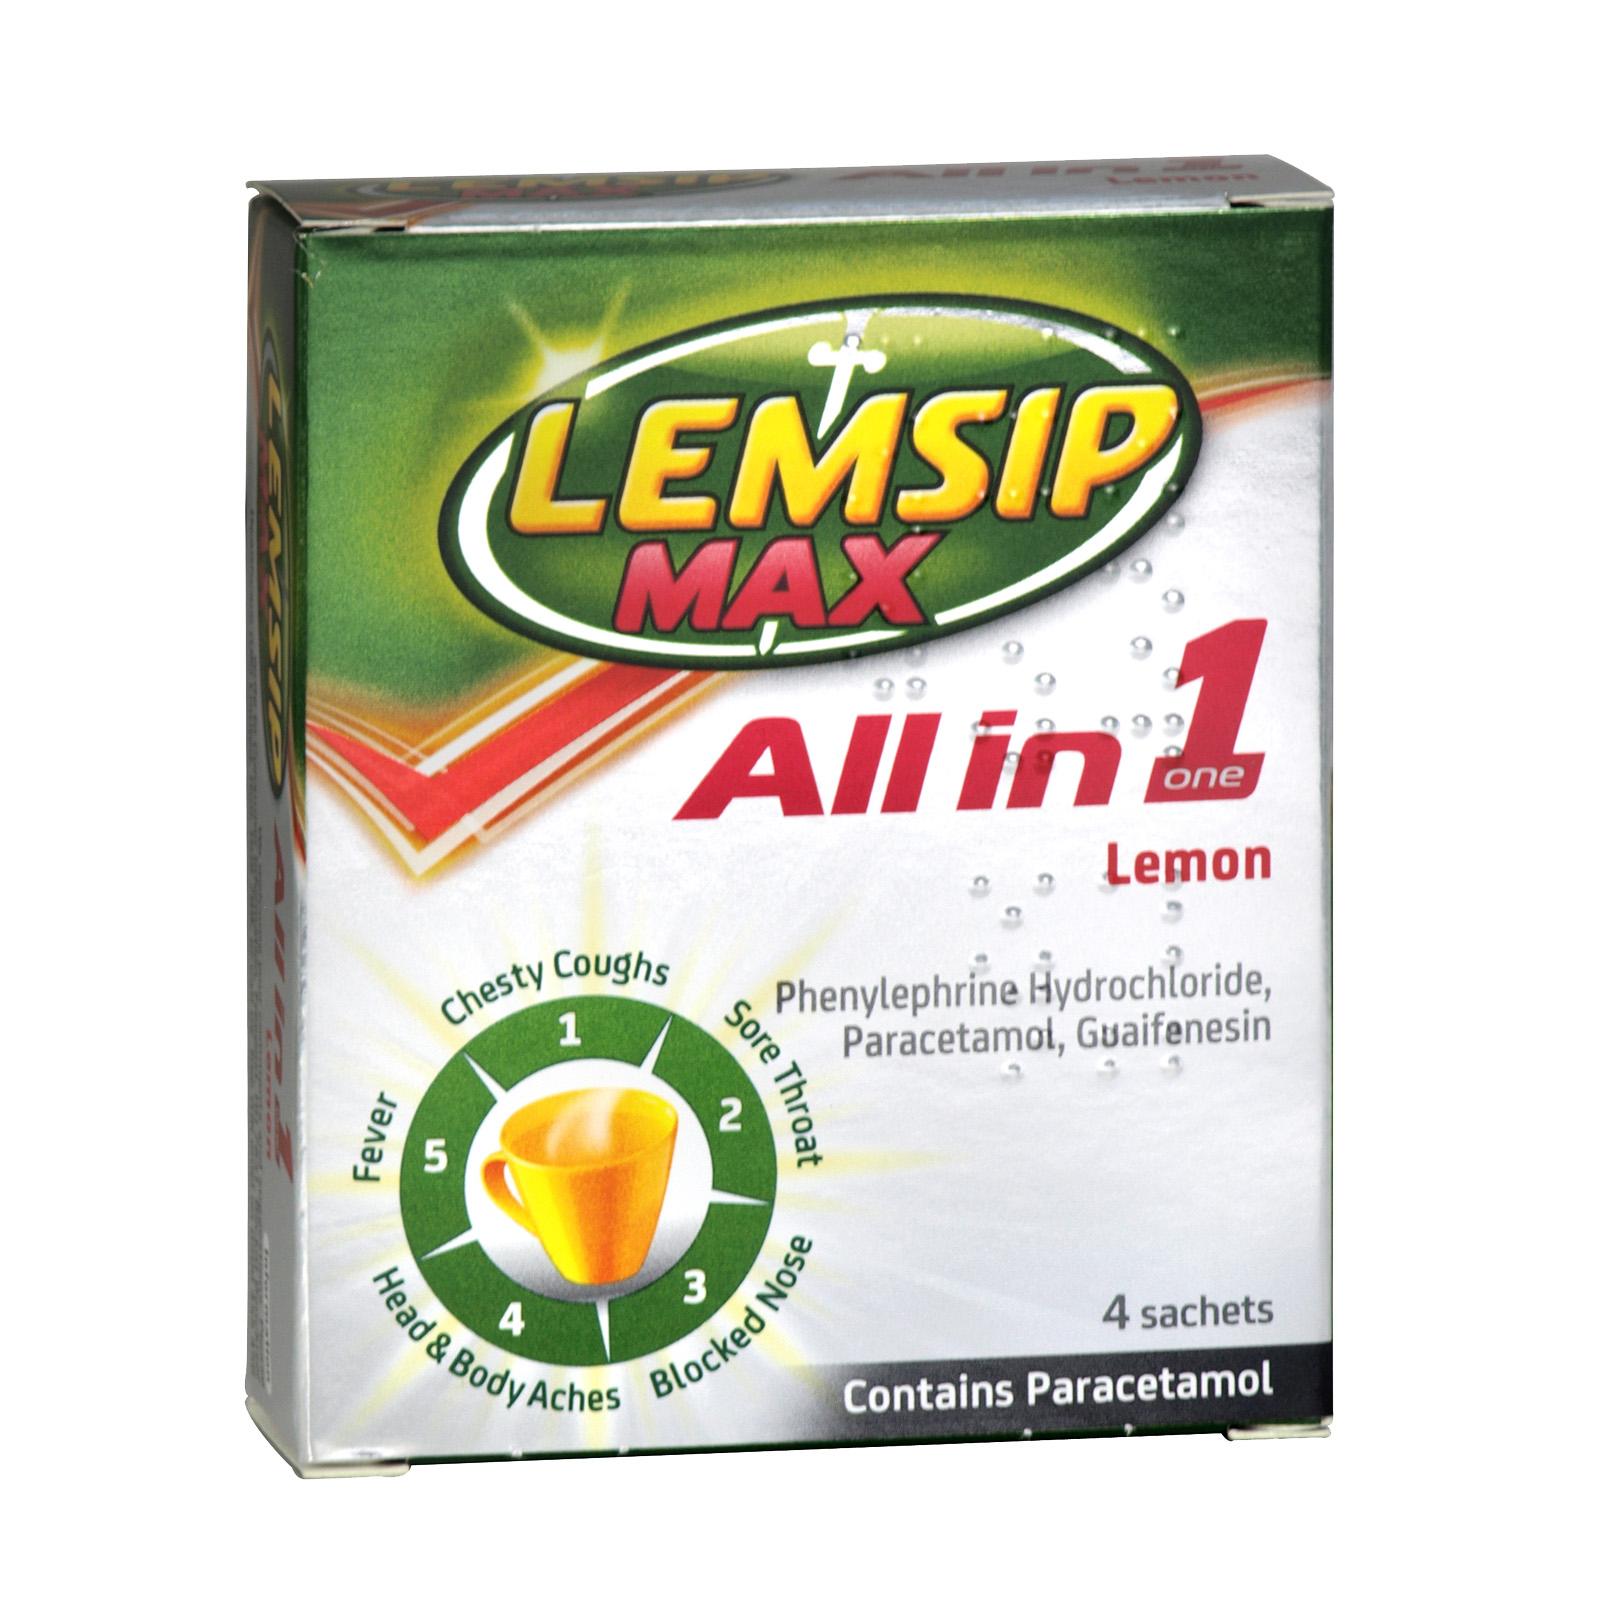 LEMSIP MAX ALL-IN-ONE 4 SACHETS LEMON X6